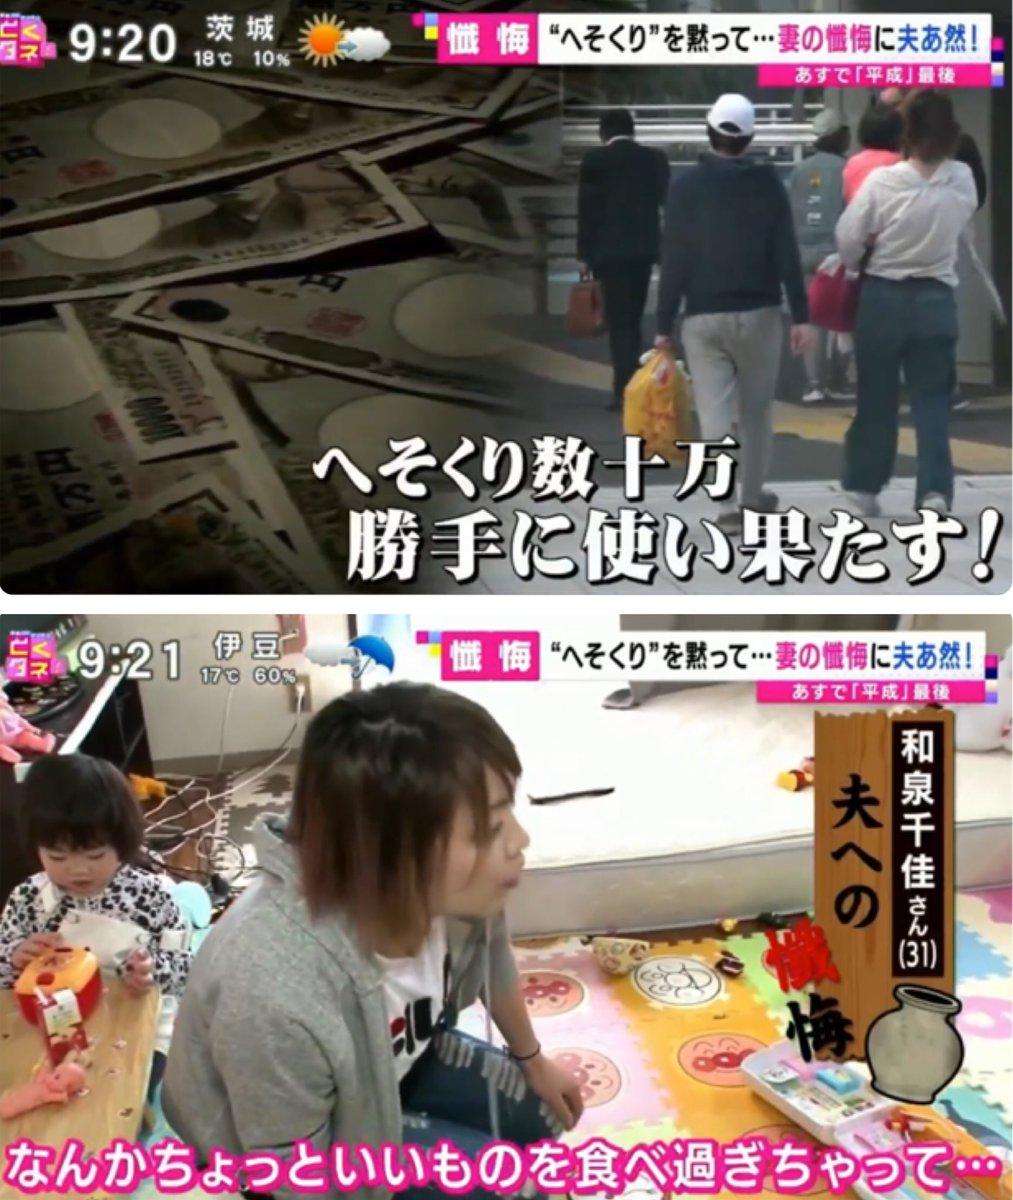 名前が決まらない@時給983円さんの投稿画像